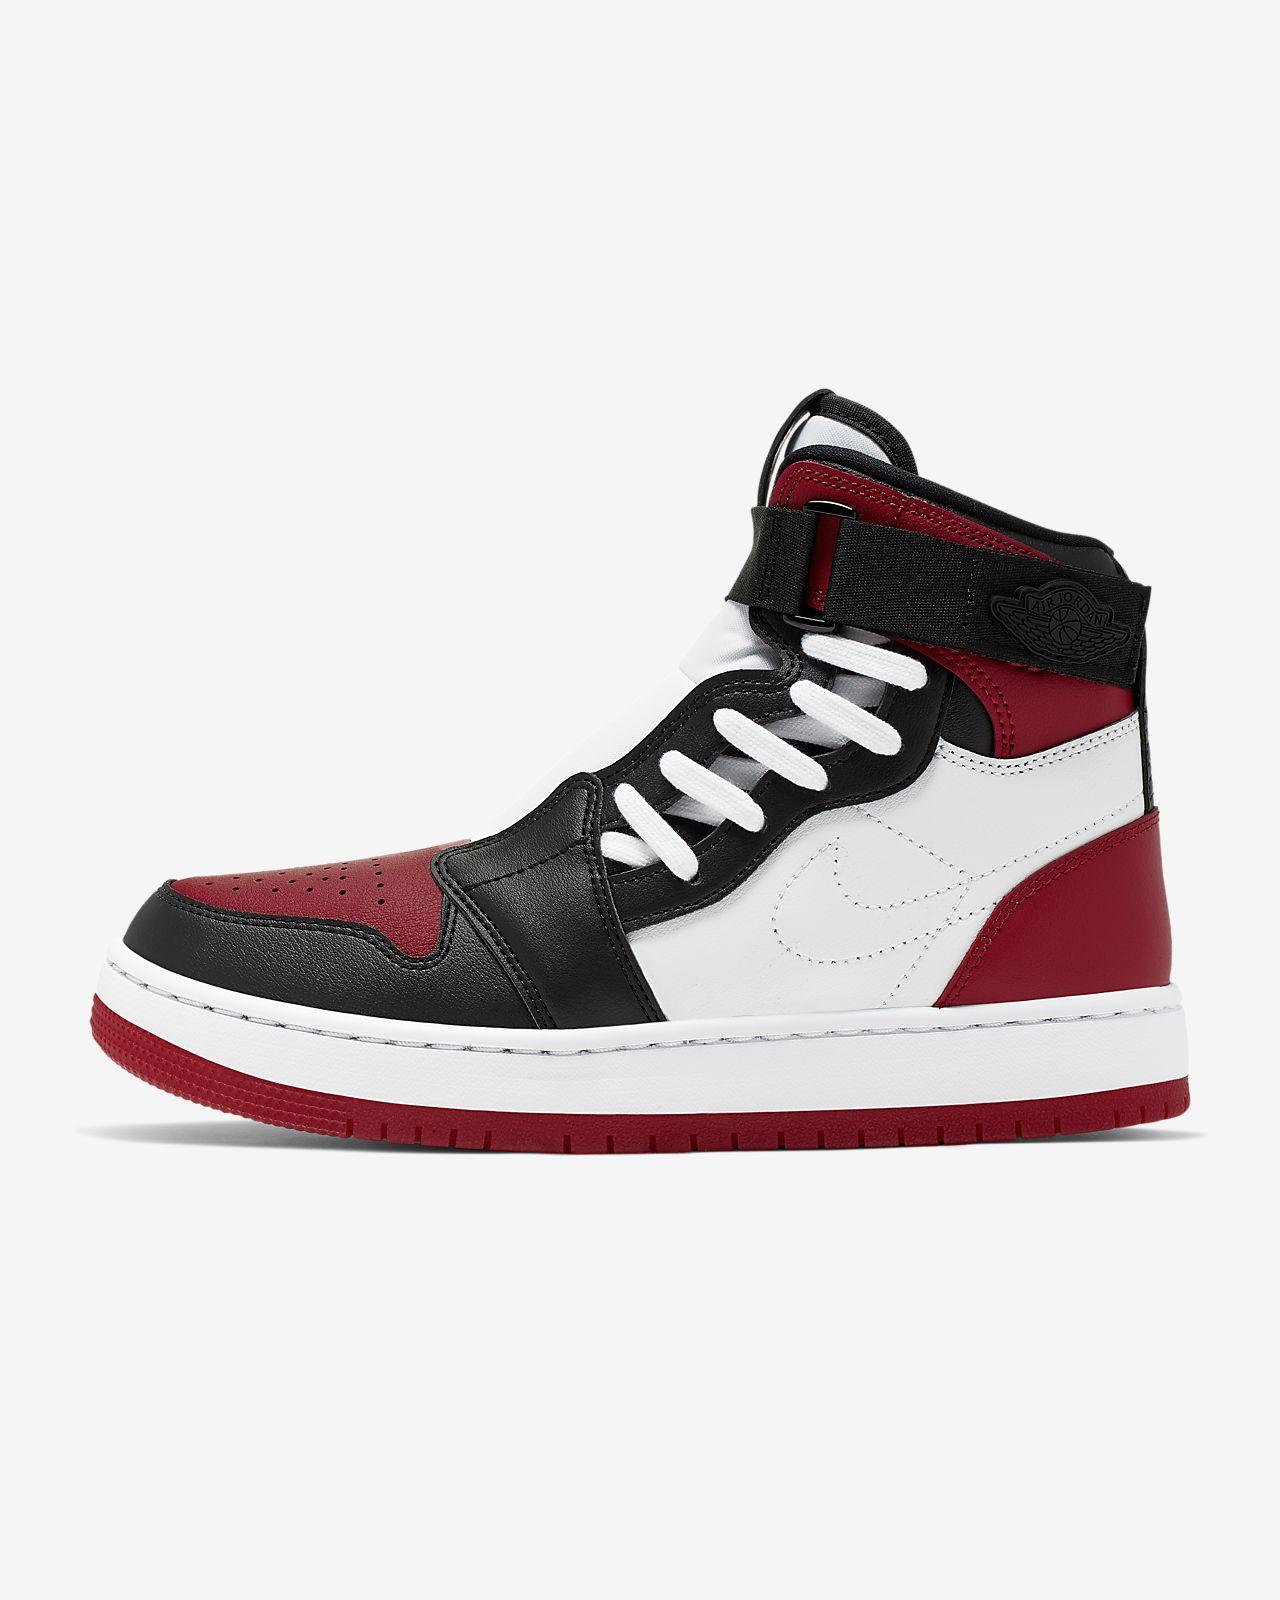 รองเท้าผู้หญิง Air Jordan 1 Nova XX